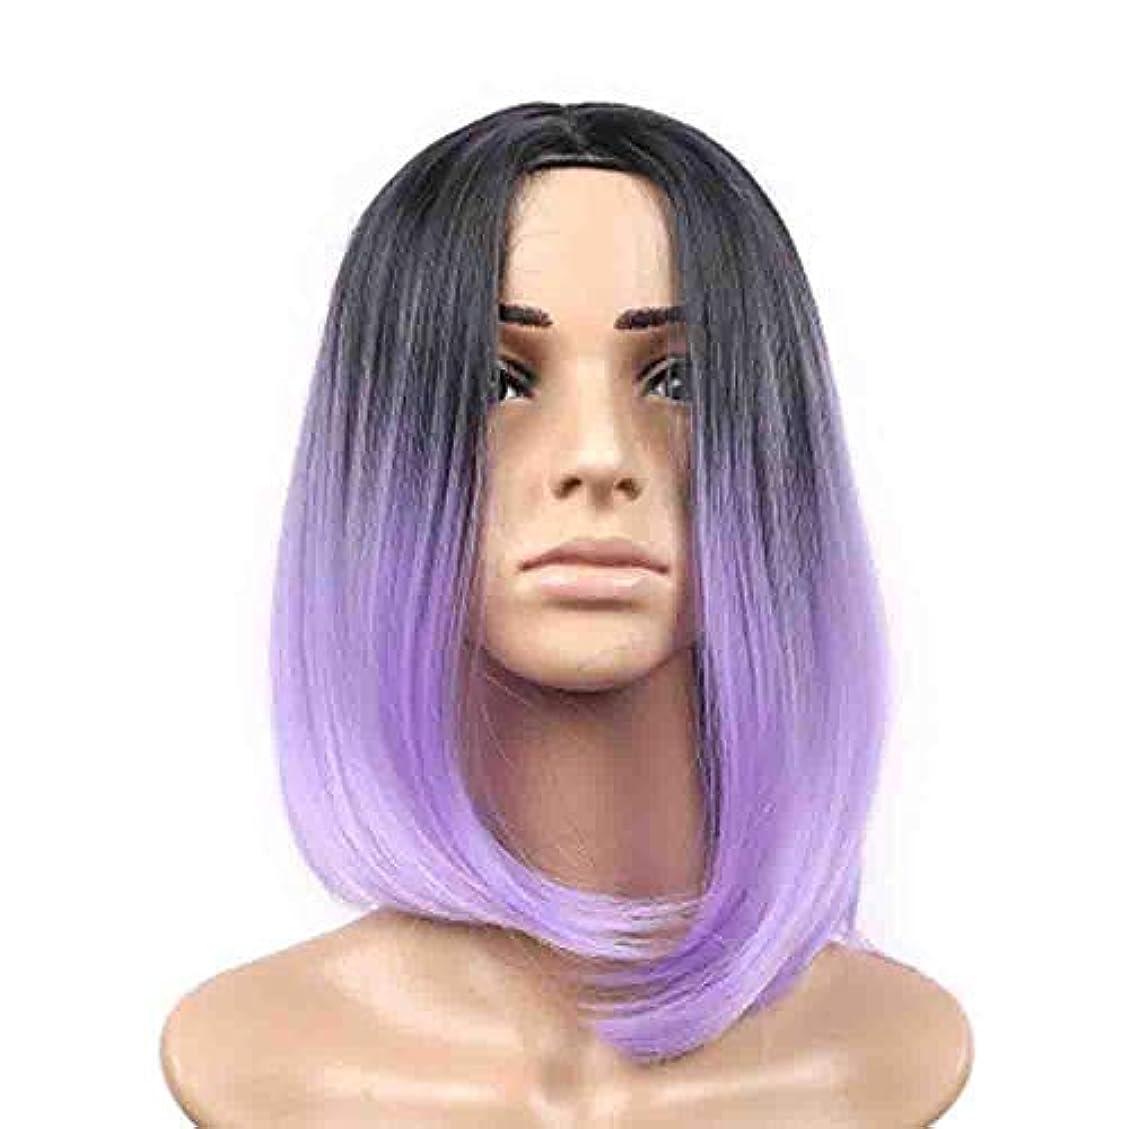 ピン労苦アナニバー女性のための色のかつら、ロリータショートポニーテールコスプレウィッグ、高密度温度合成かつらコスプレヘアウィッグ、耐熱繊維ヘアウィッグ